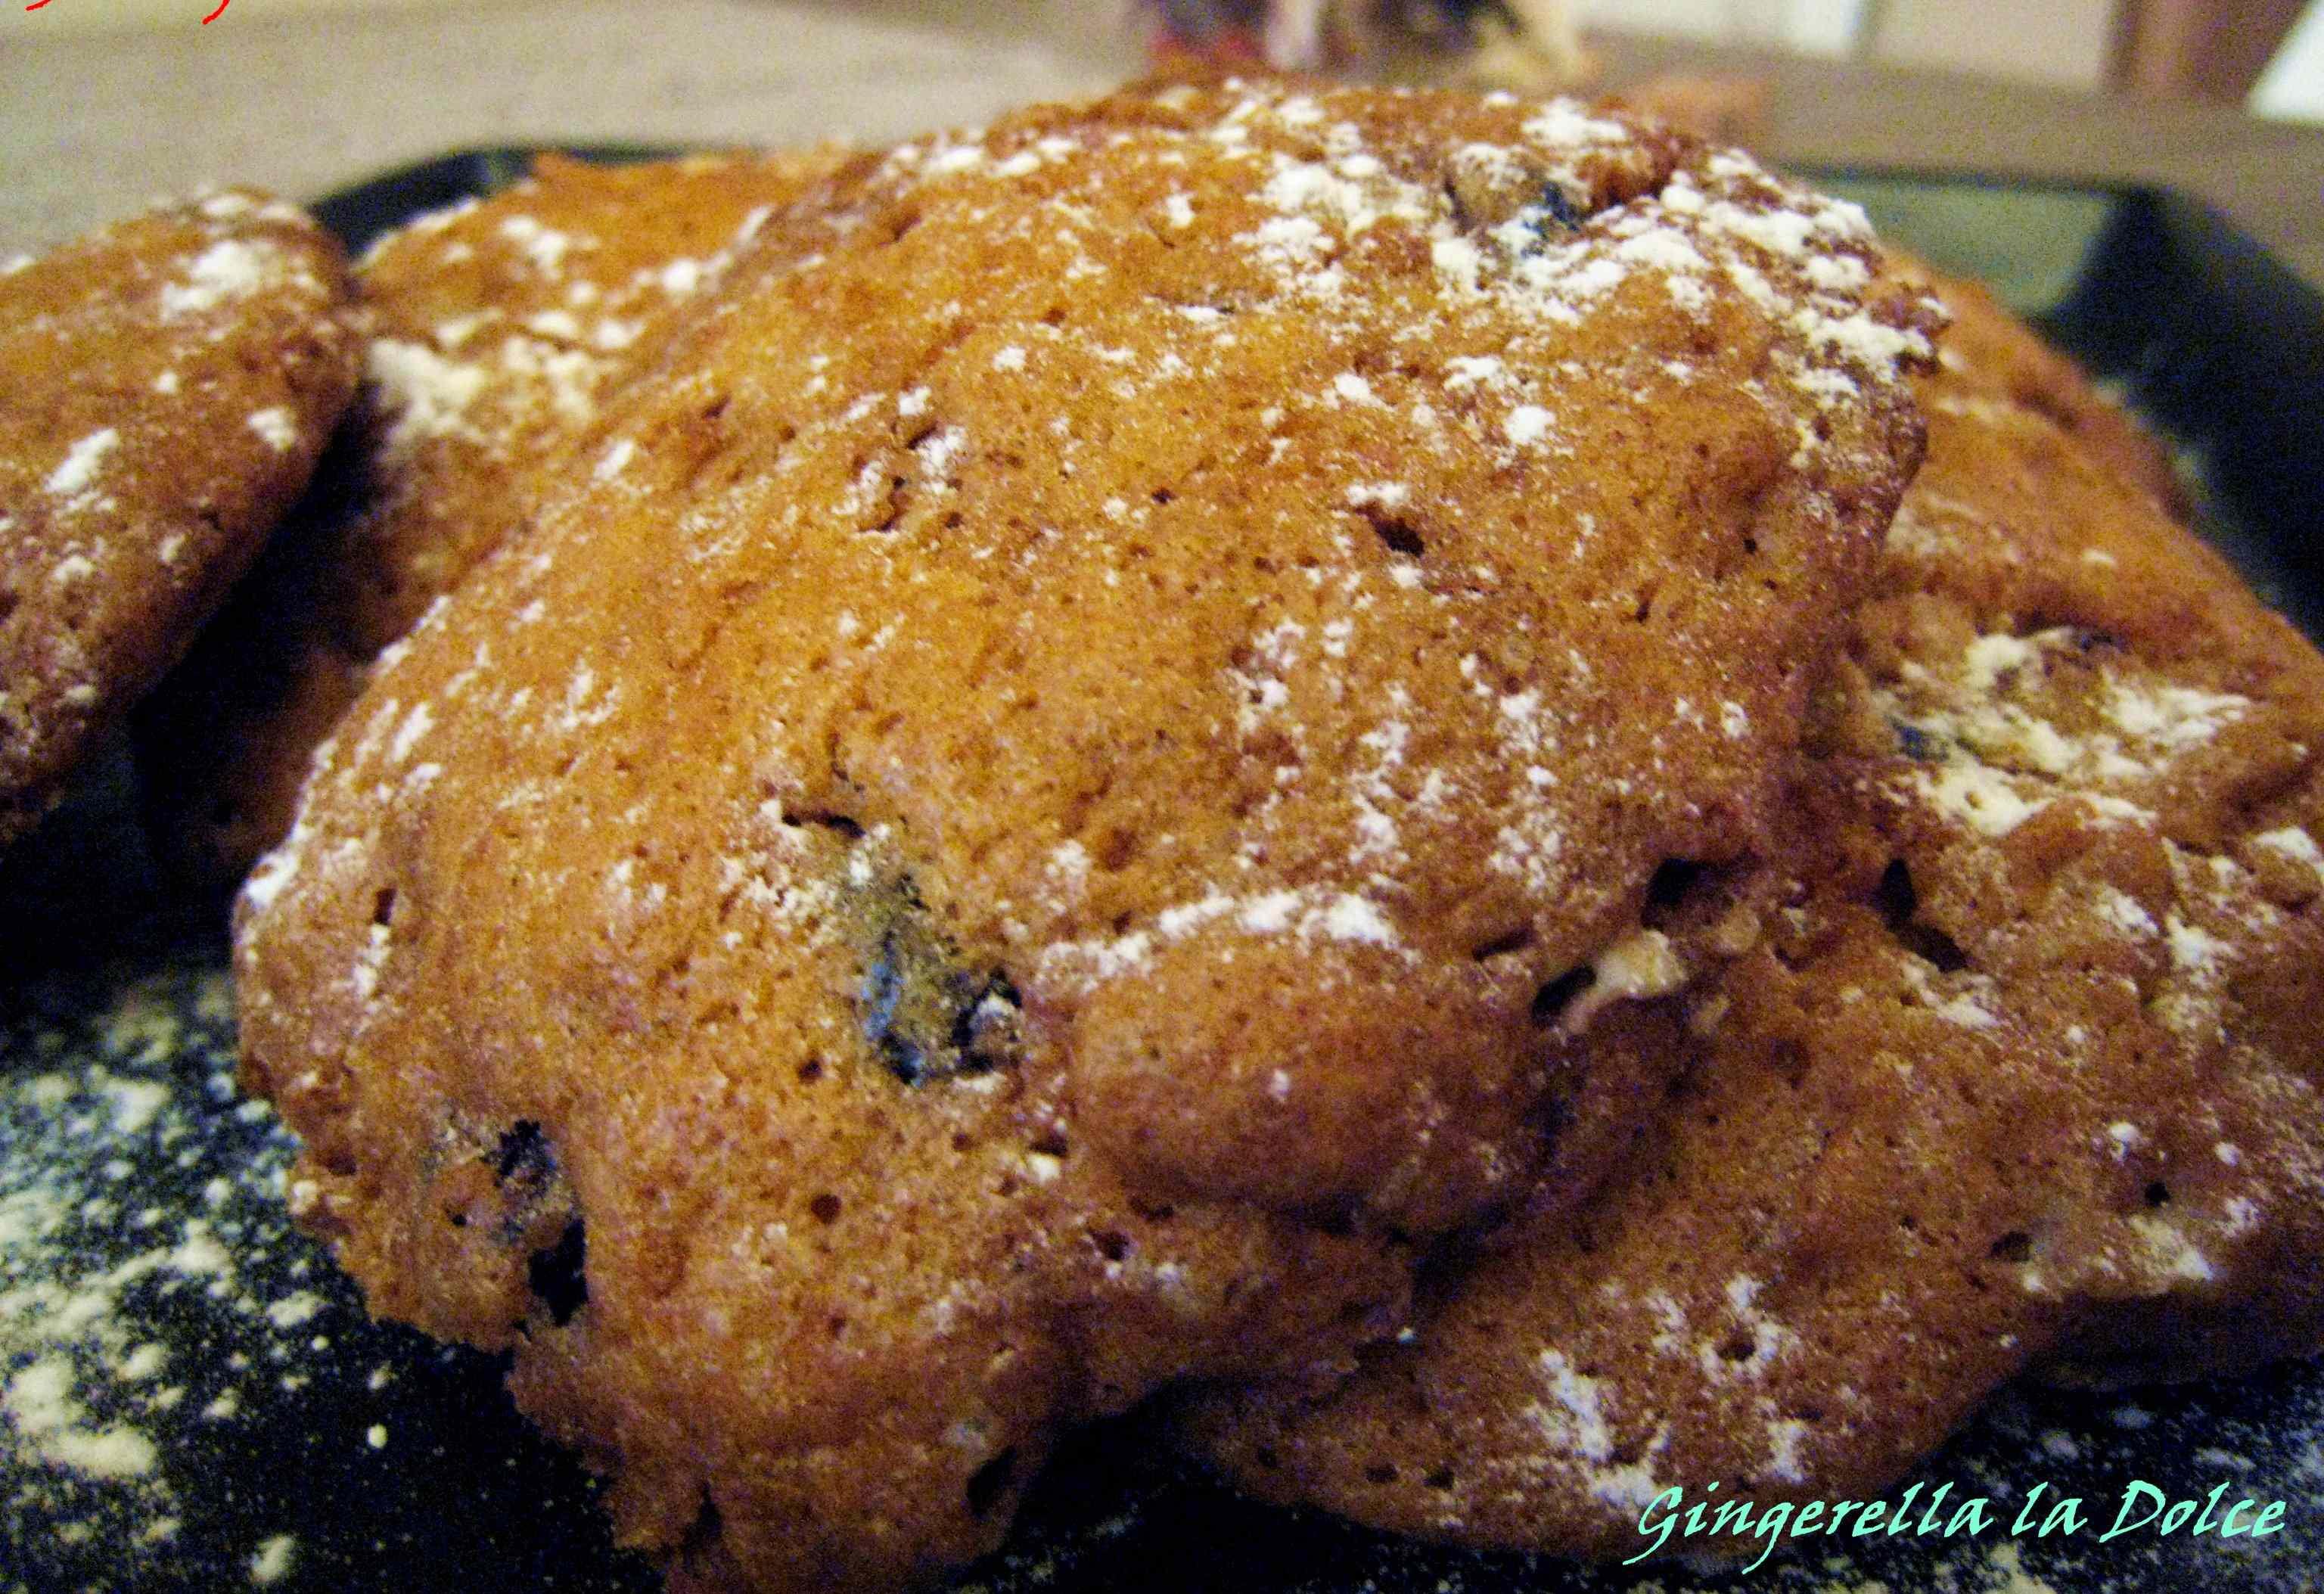 Ricetta: Cookies cioccolato bianco e mirtilli rossi